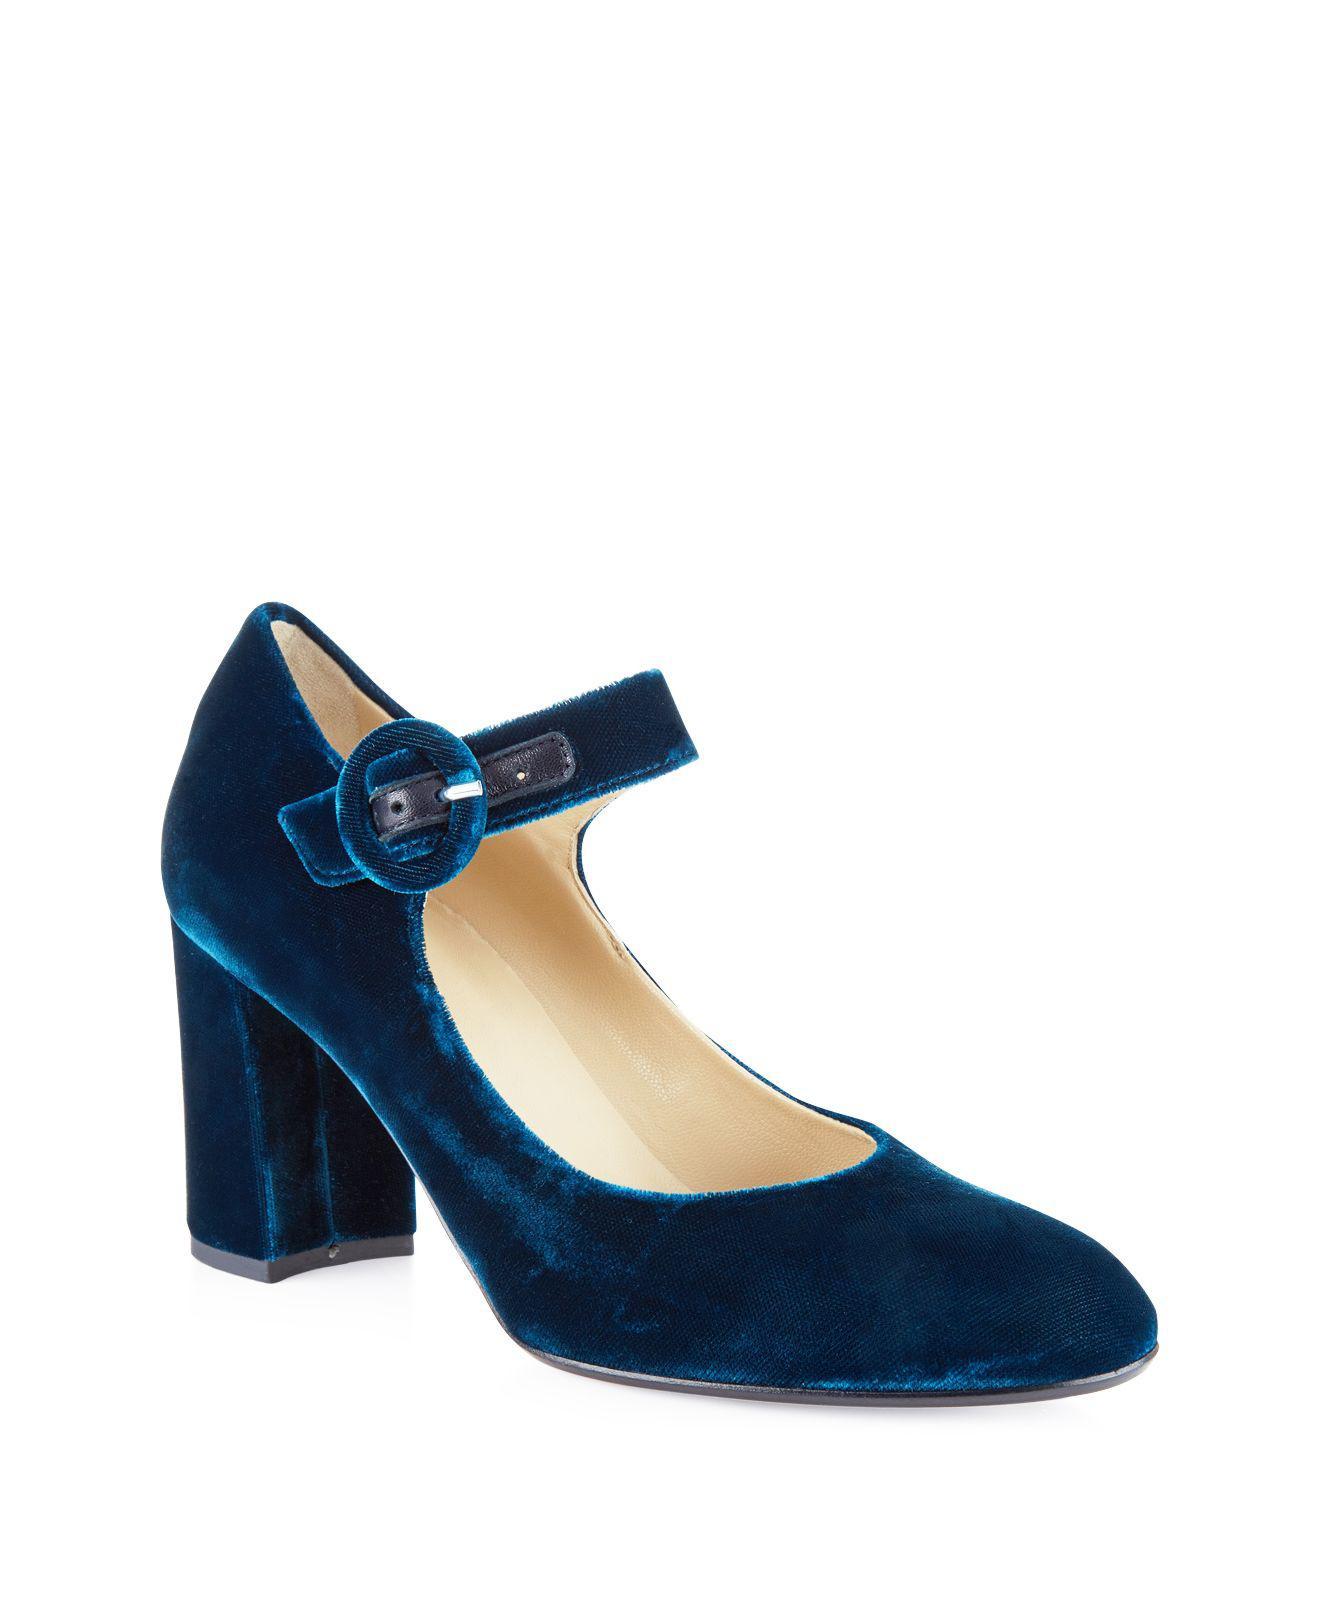 Jane Debster Shoes On Sale